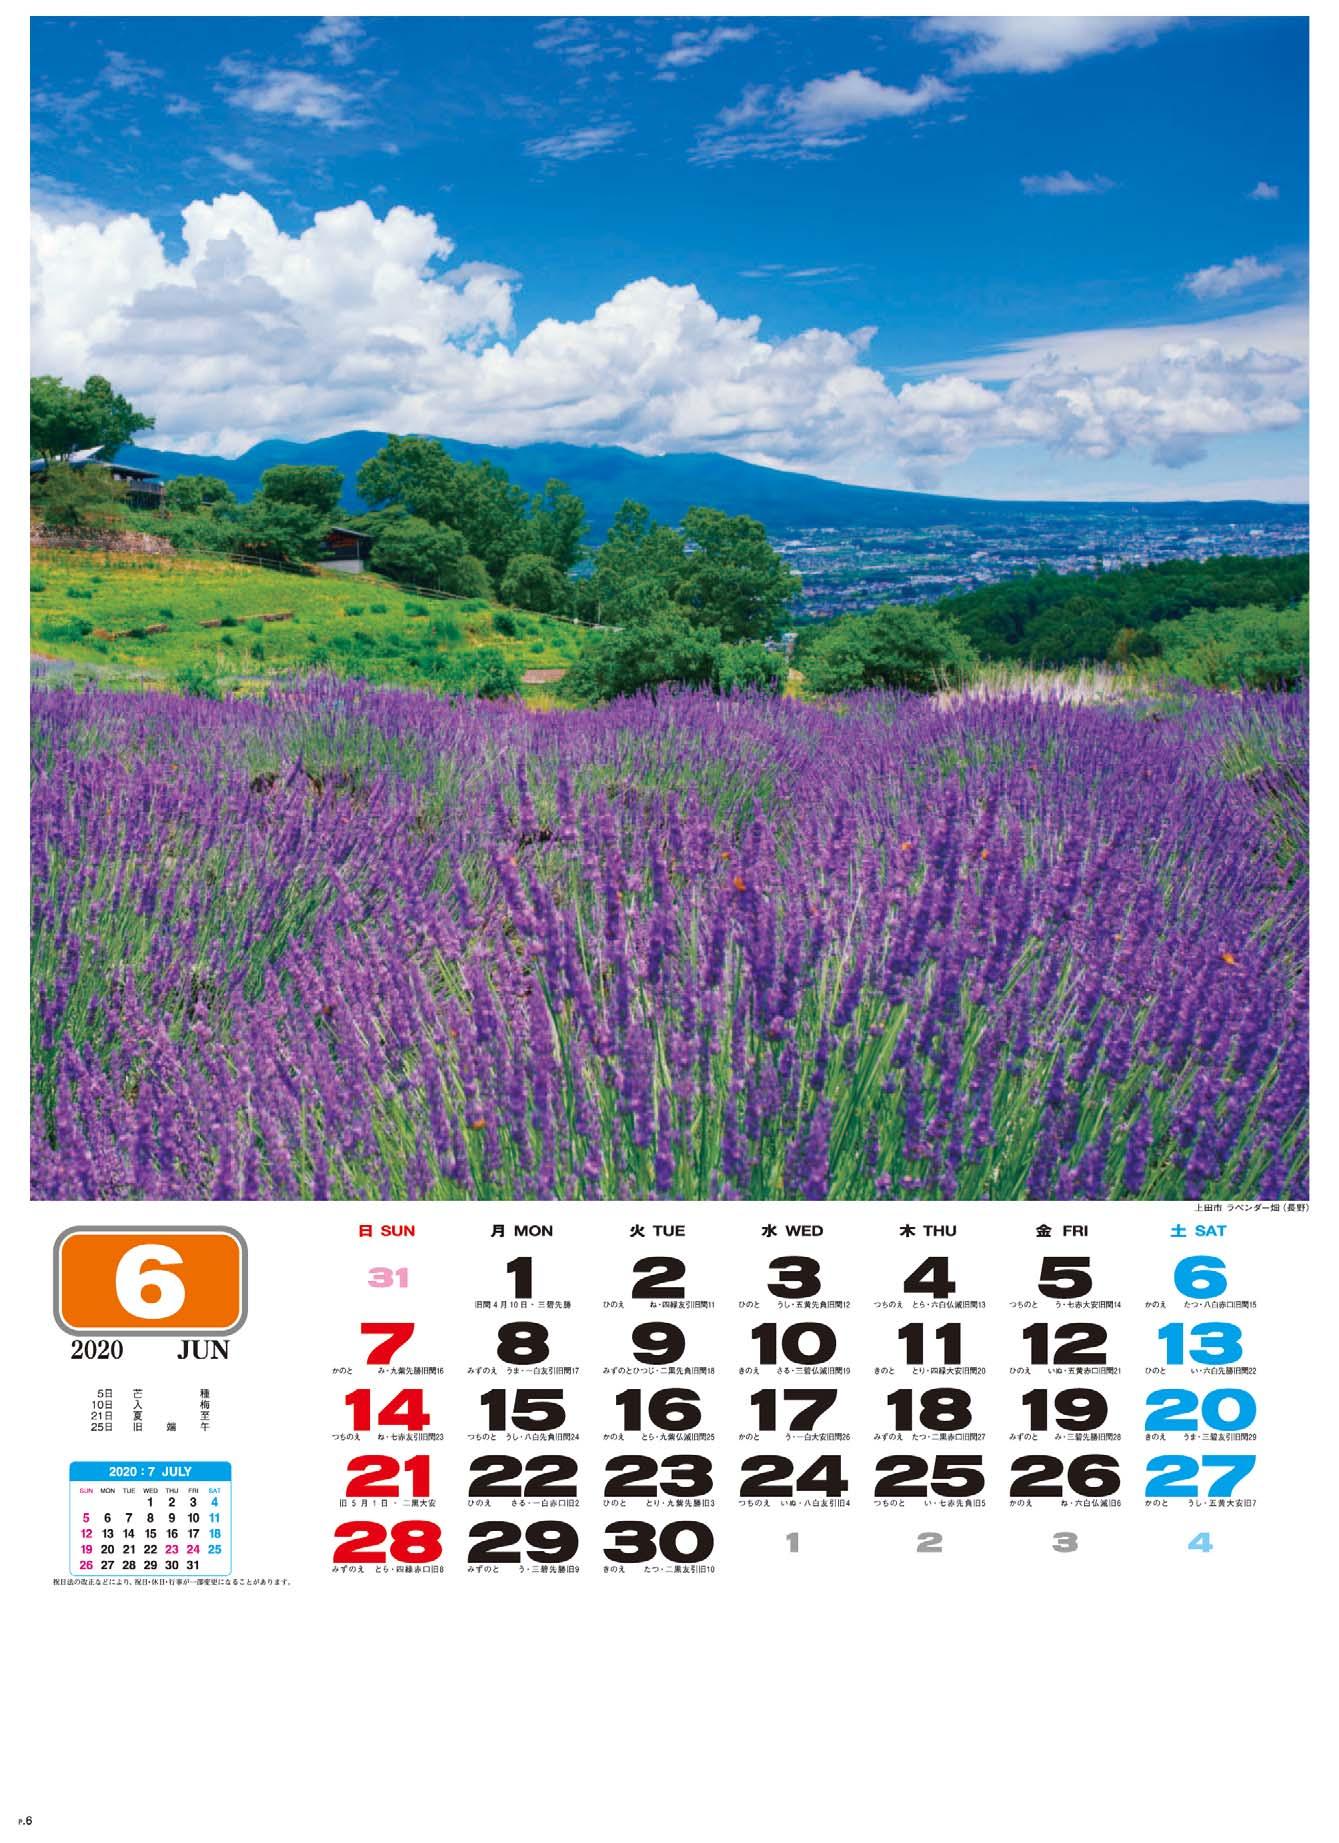 画像:ラベンダー畑 上田市 (長野) 美しき日本 2020年カレンダー